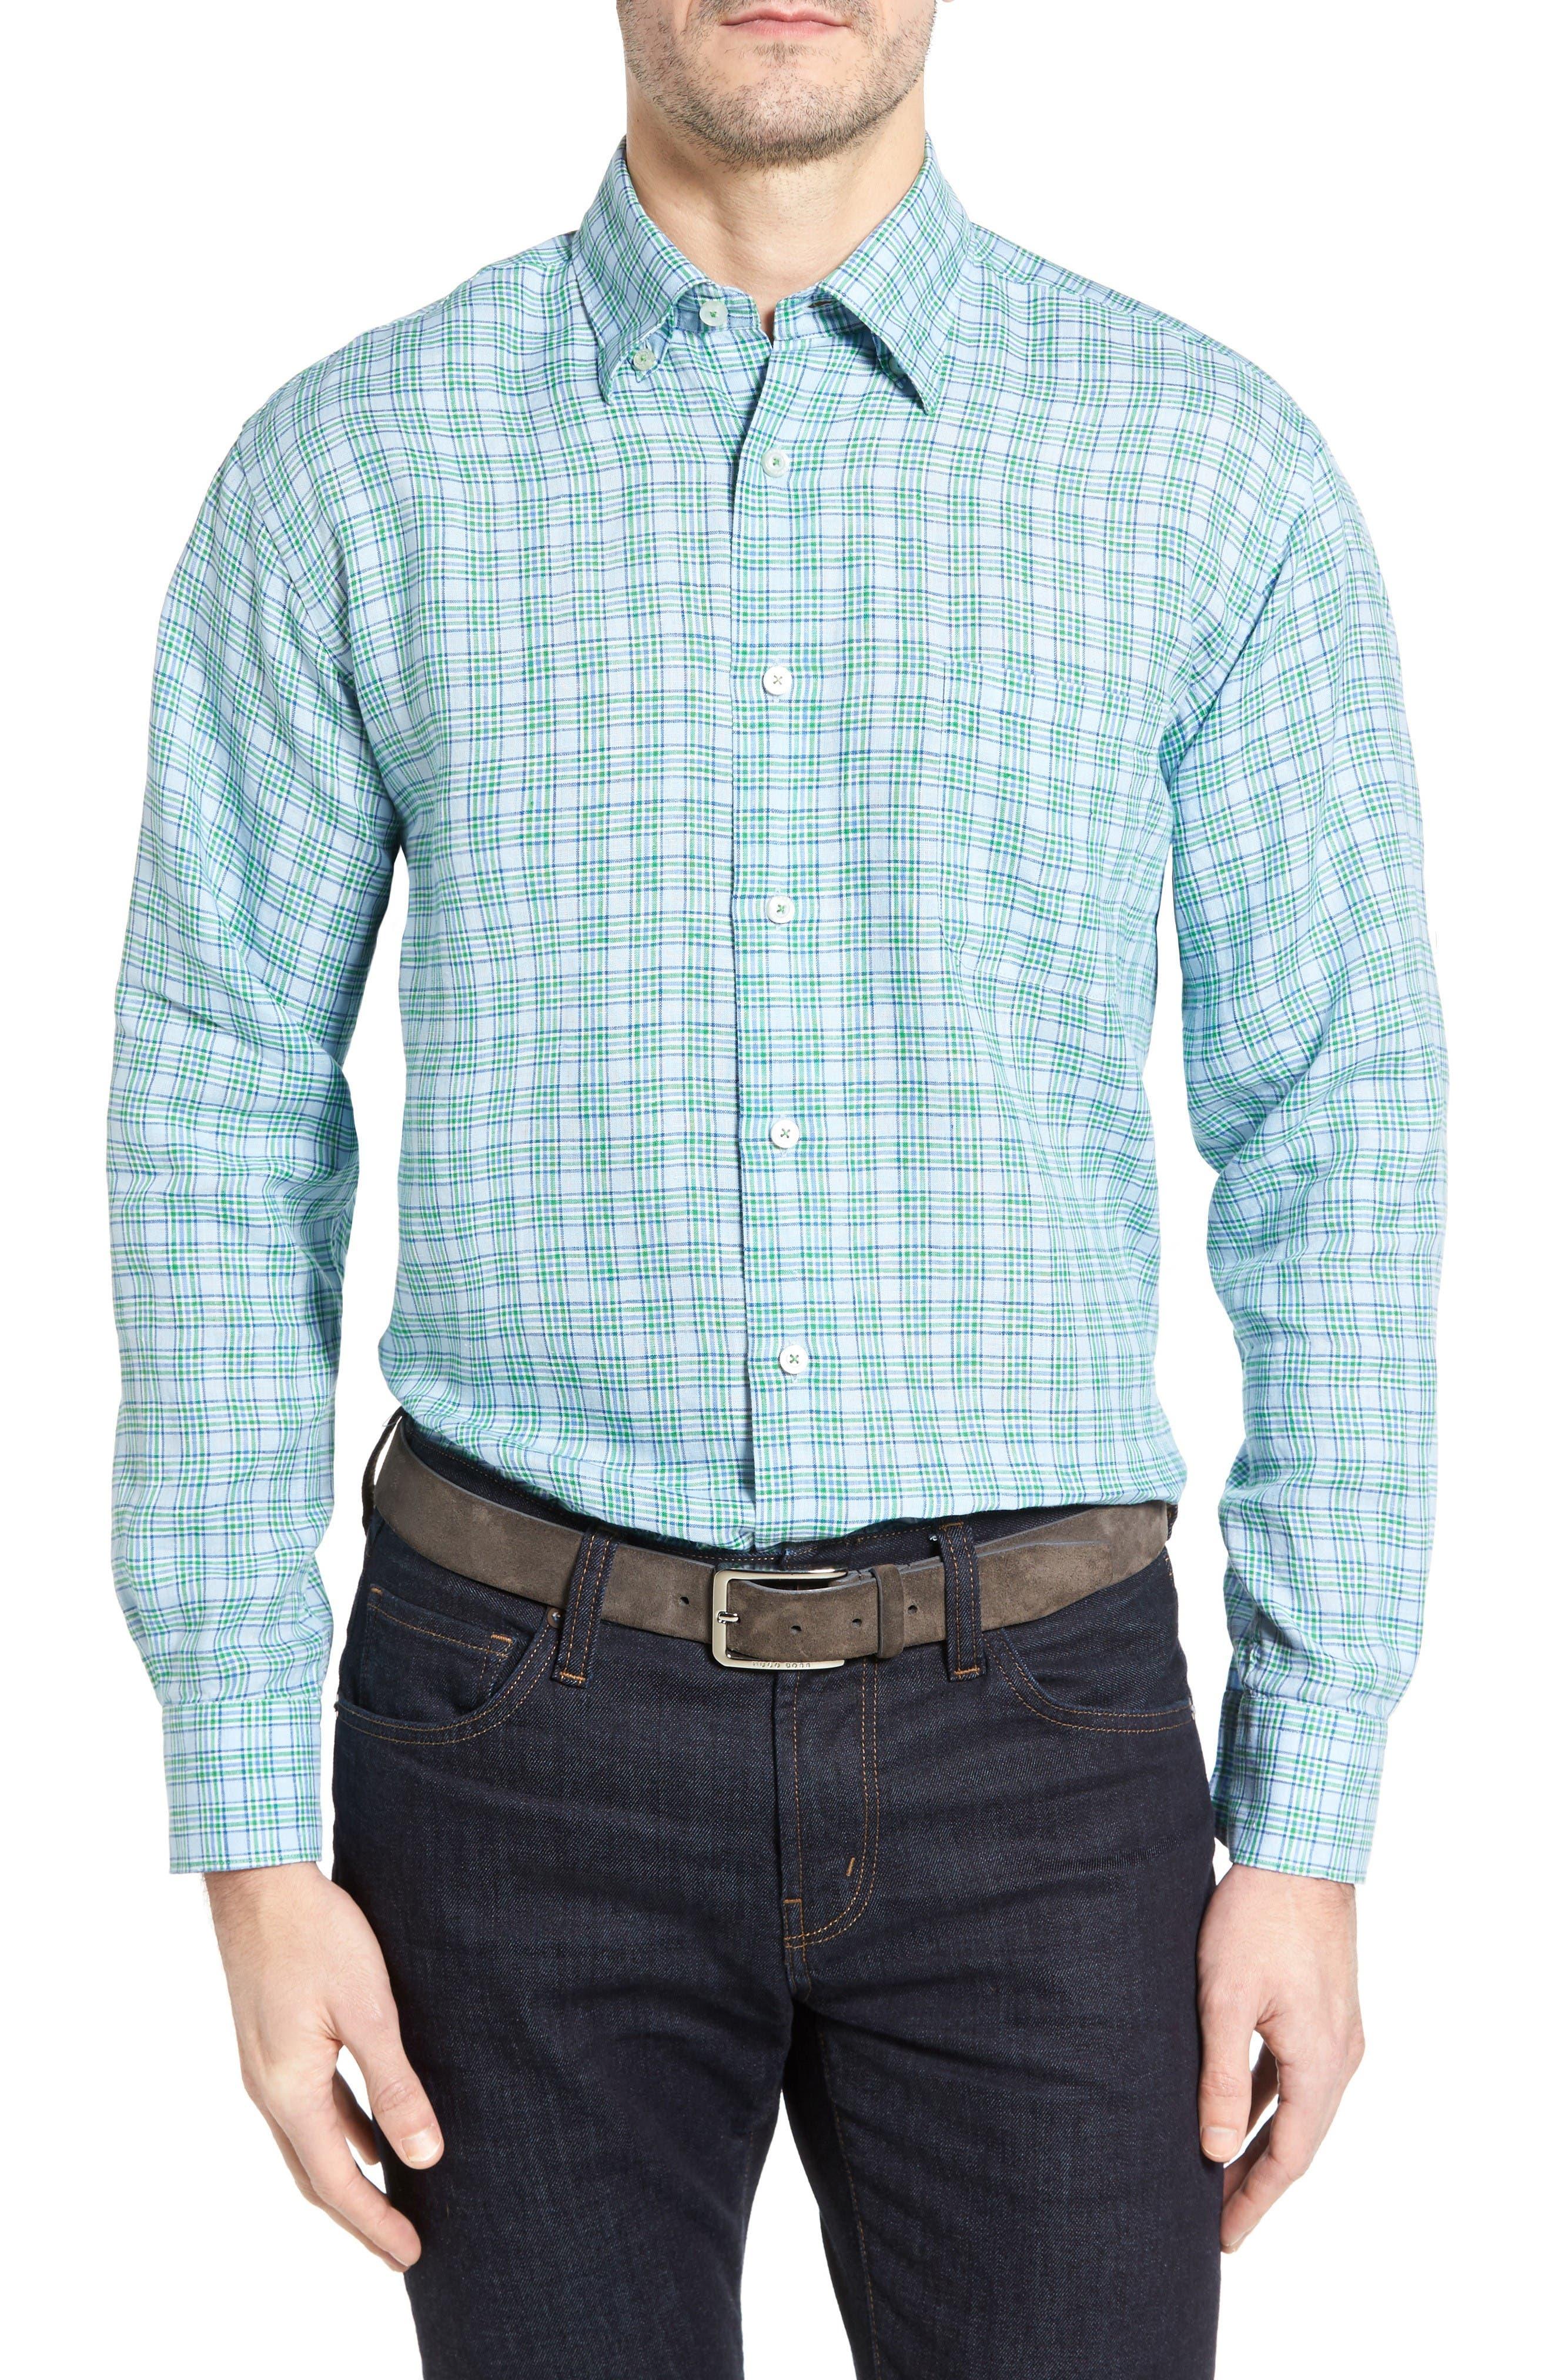 Anderson Classic Fit Sport Shirt,                             Main thumbnail 1, color,                             Aqua